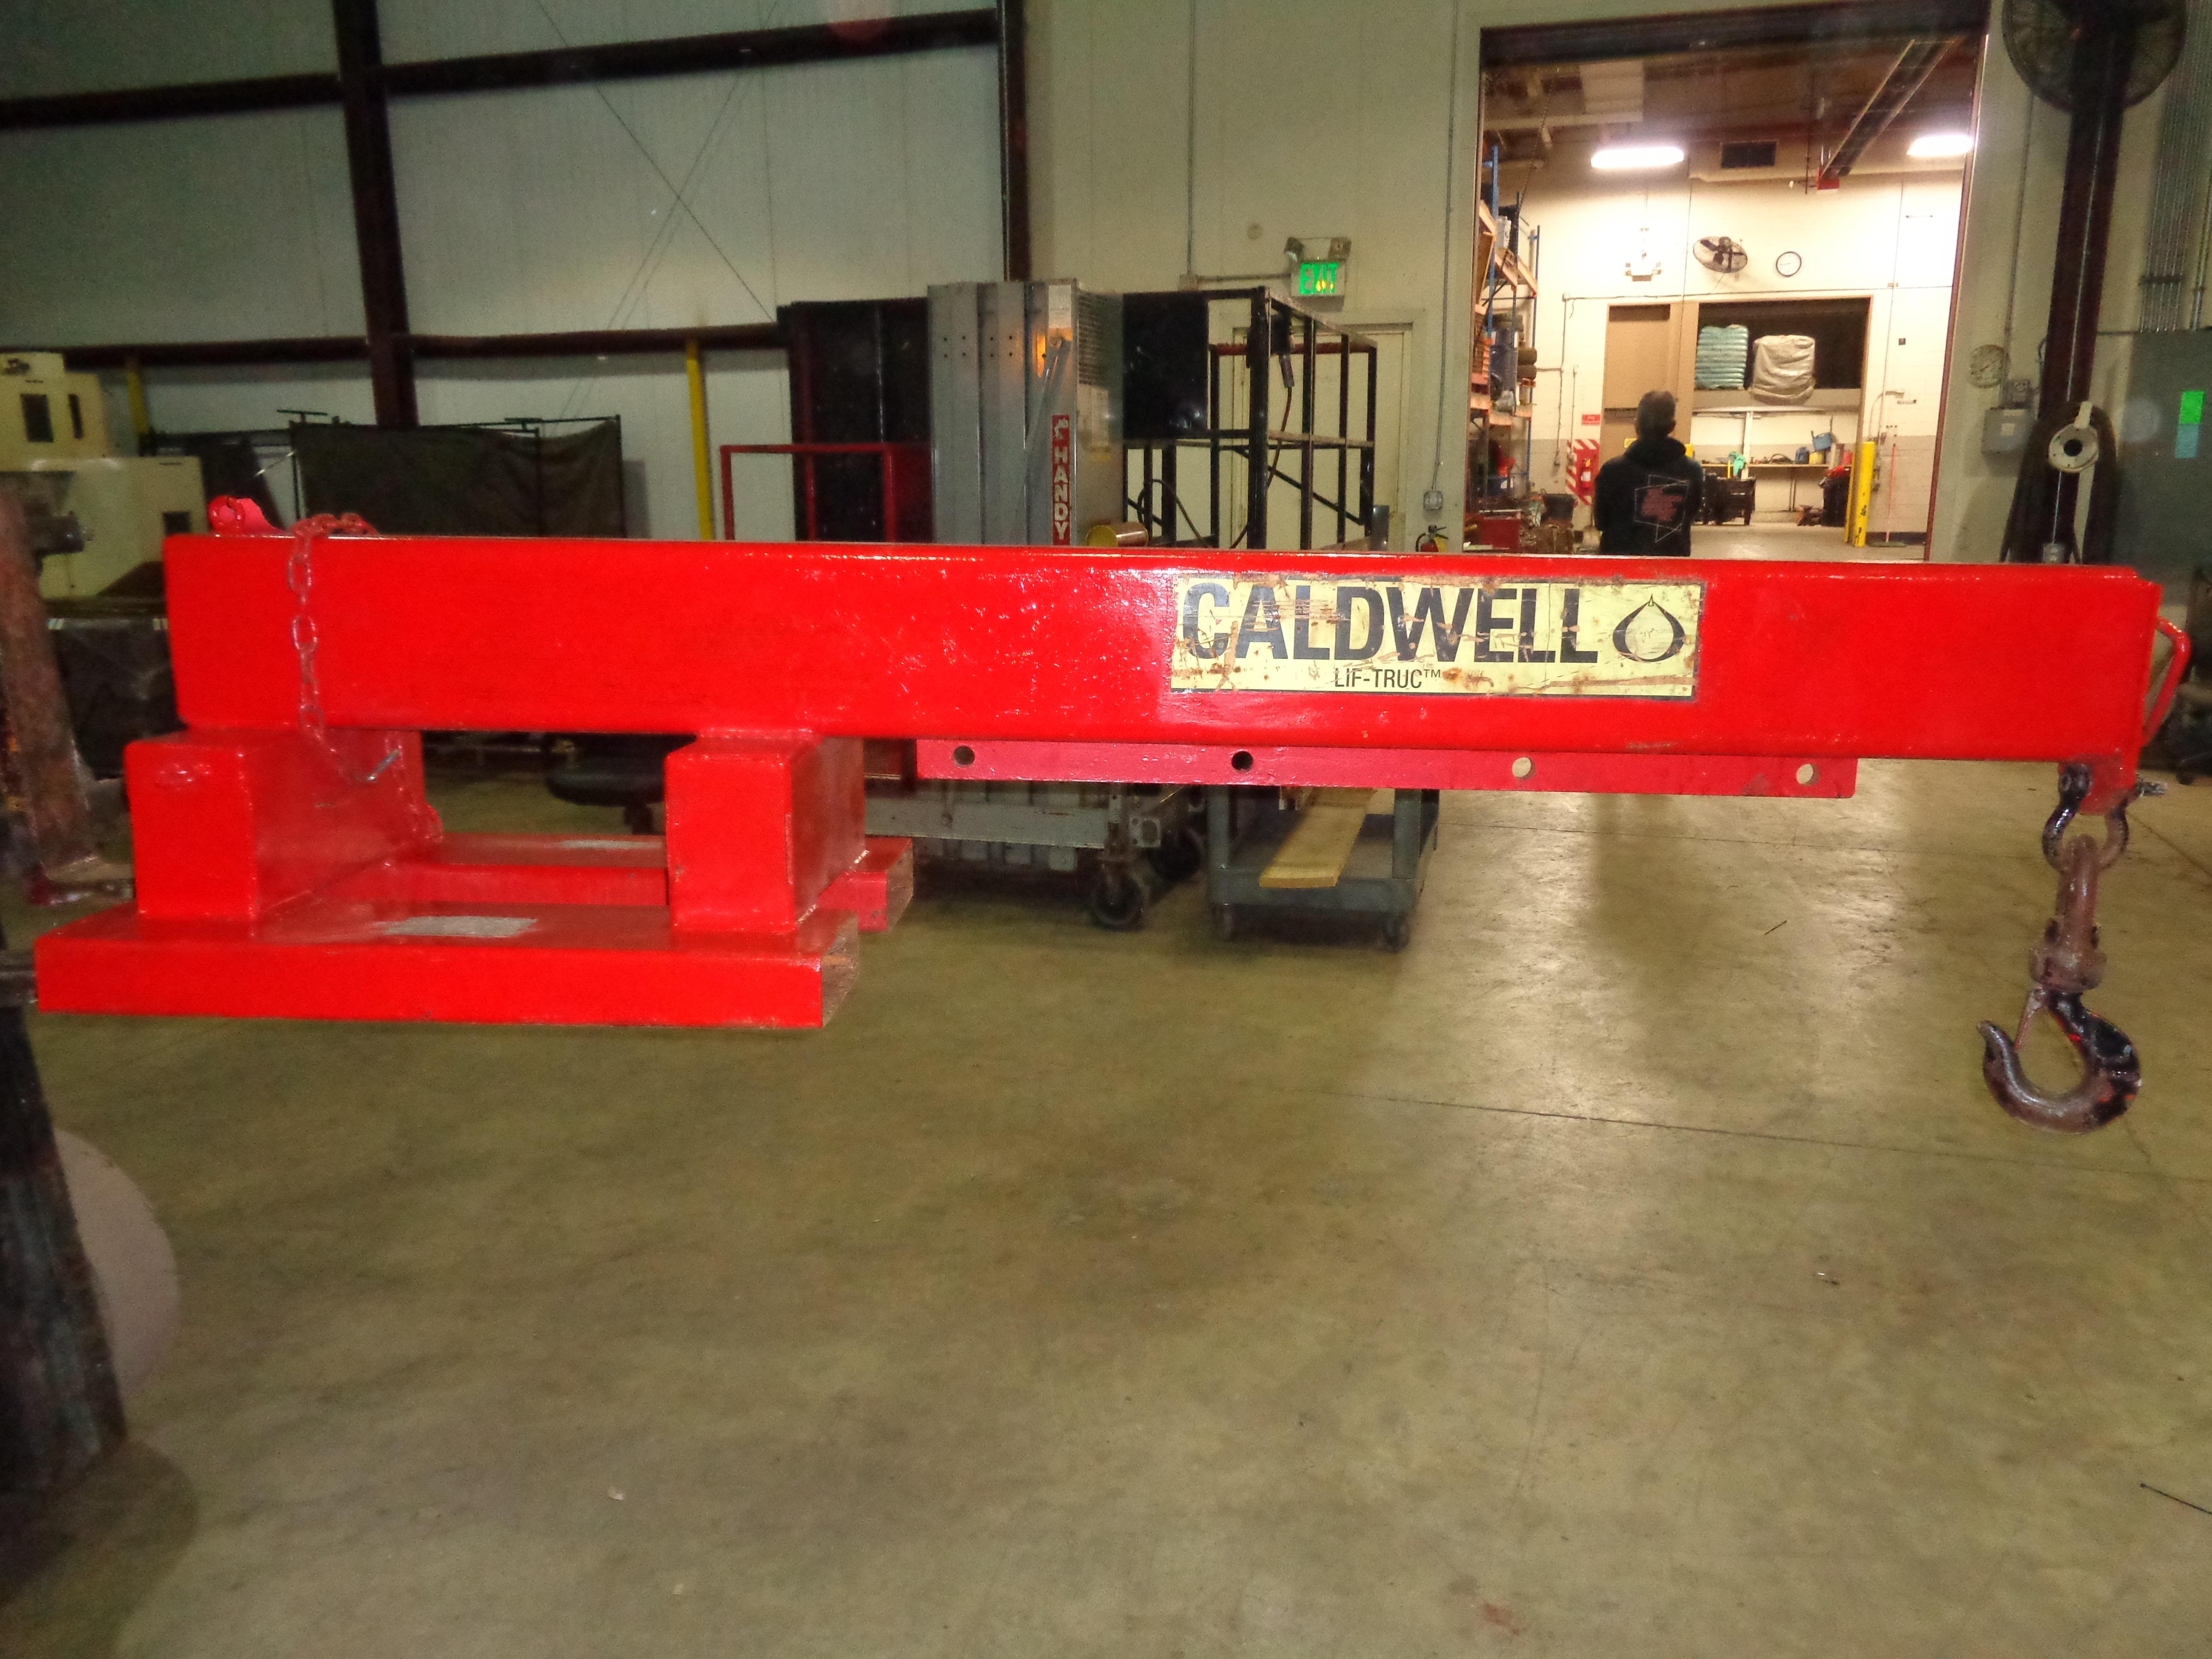 Caldwell FB-80 8,000 lb